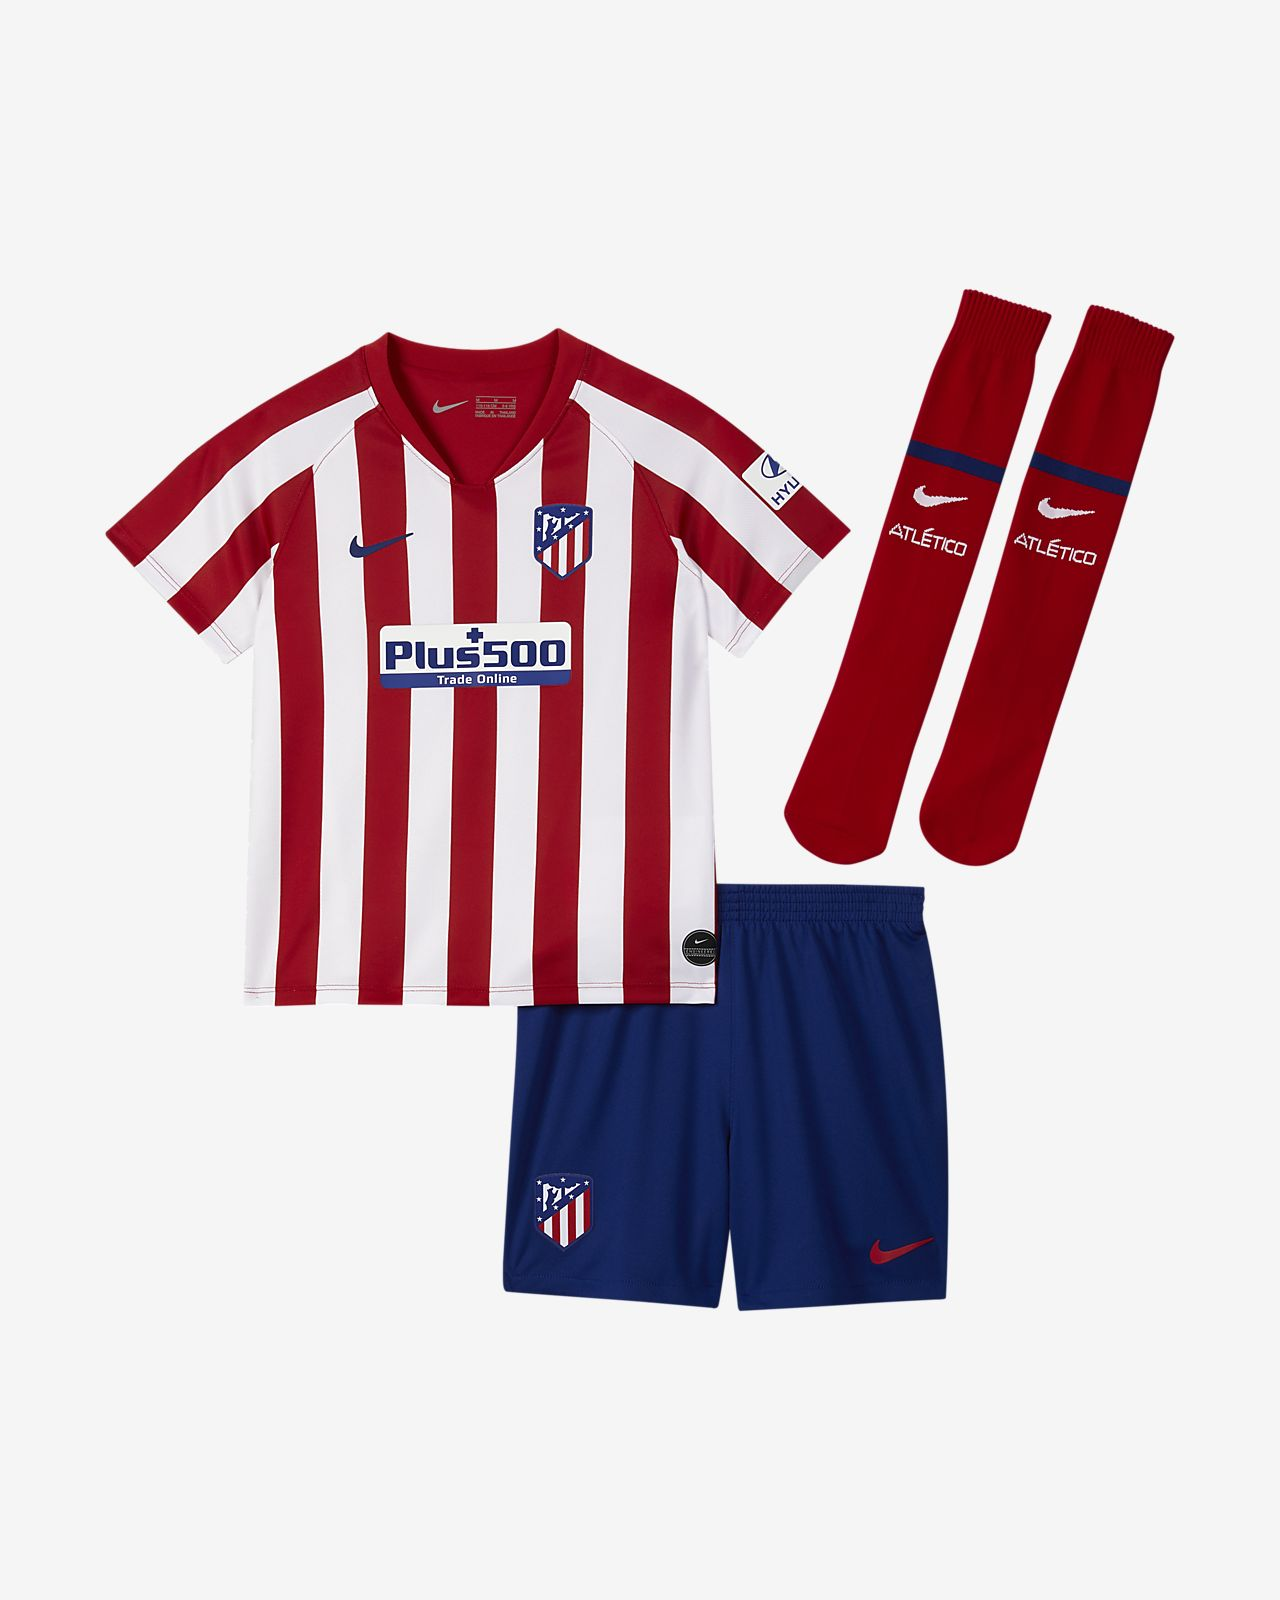 Tenue de football Atlético de Madrid 2019/20 Home pour Jeune enfant